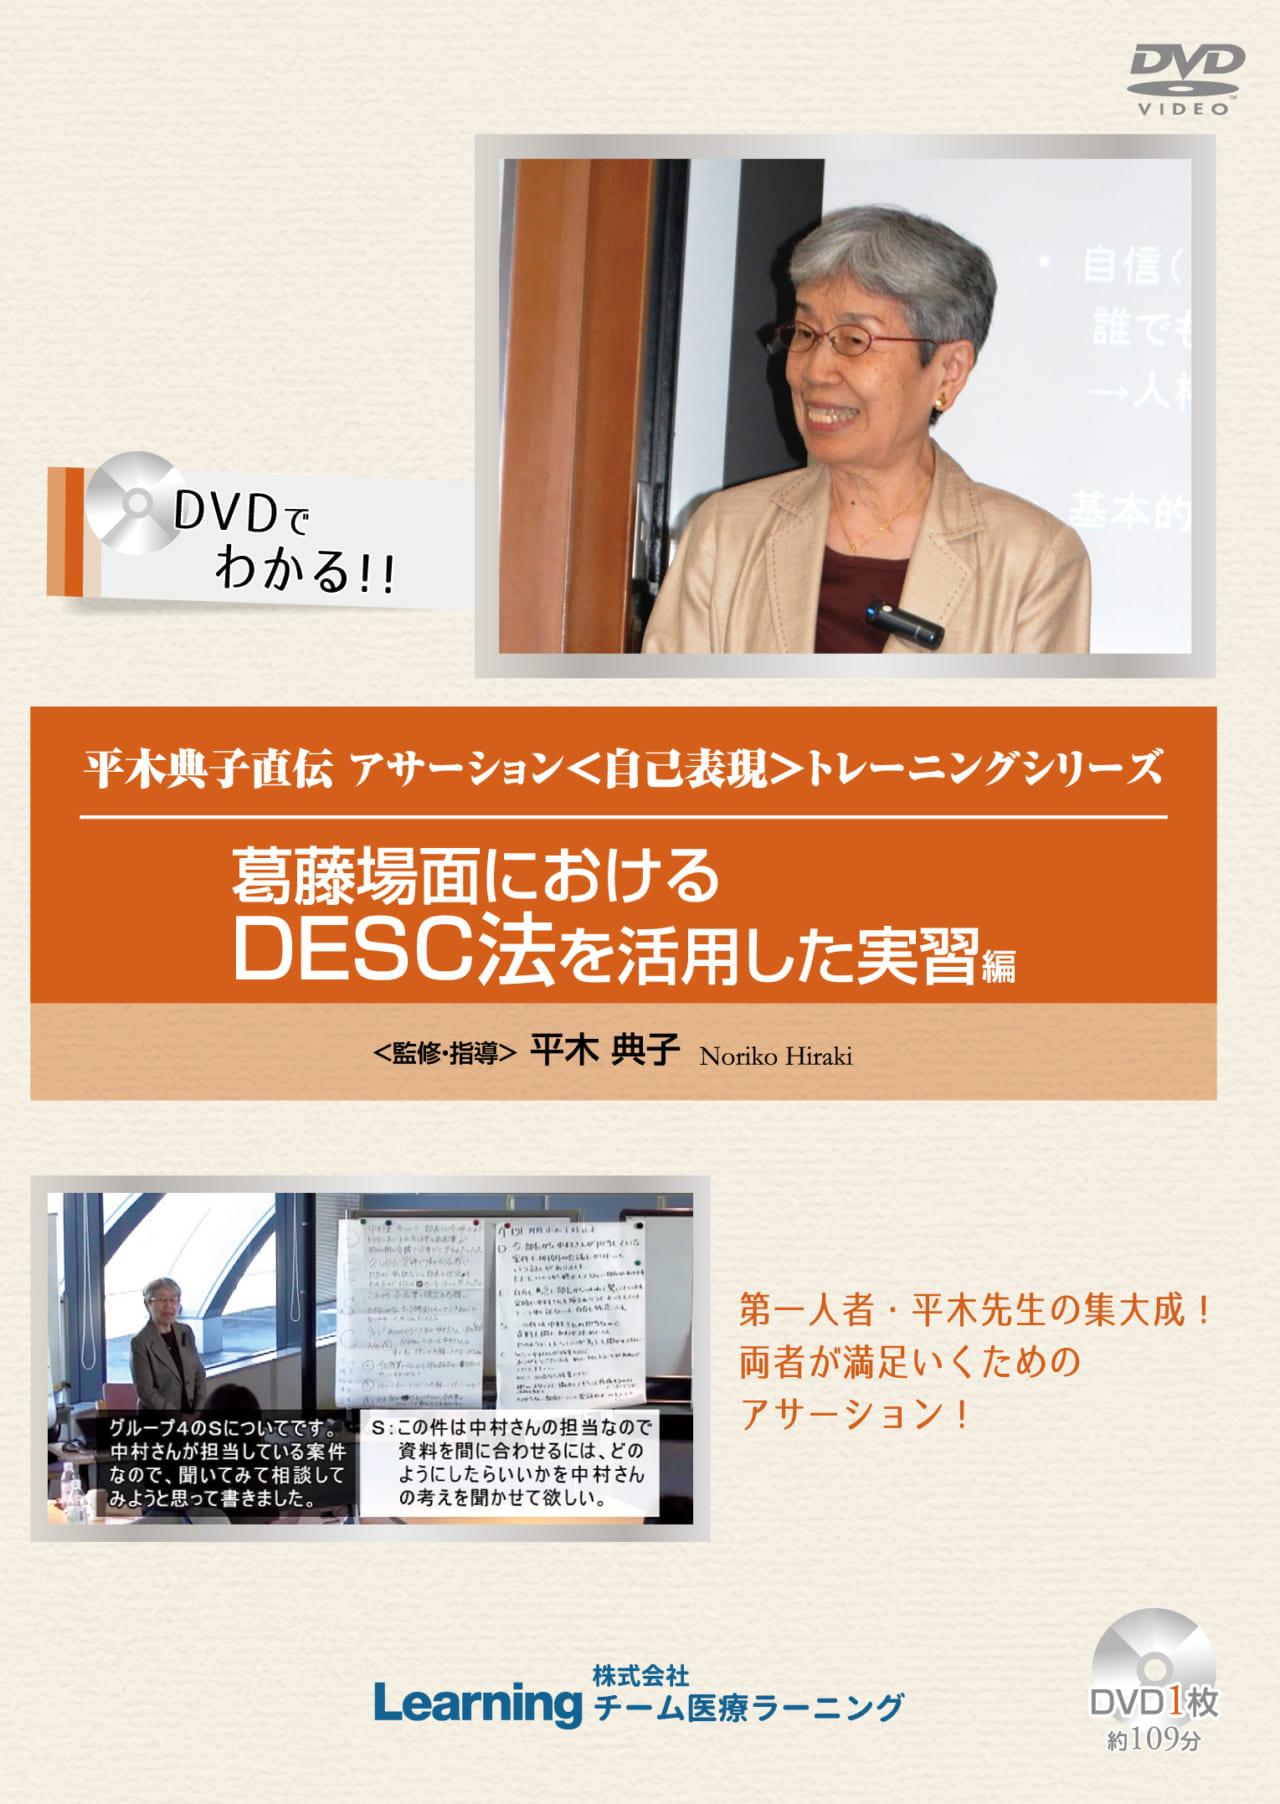 平木典子直伝 アサーション<自己表現>トレーニング シリーズ~葛藤場面におけるDESC法を活用した実習編~